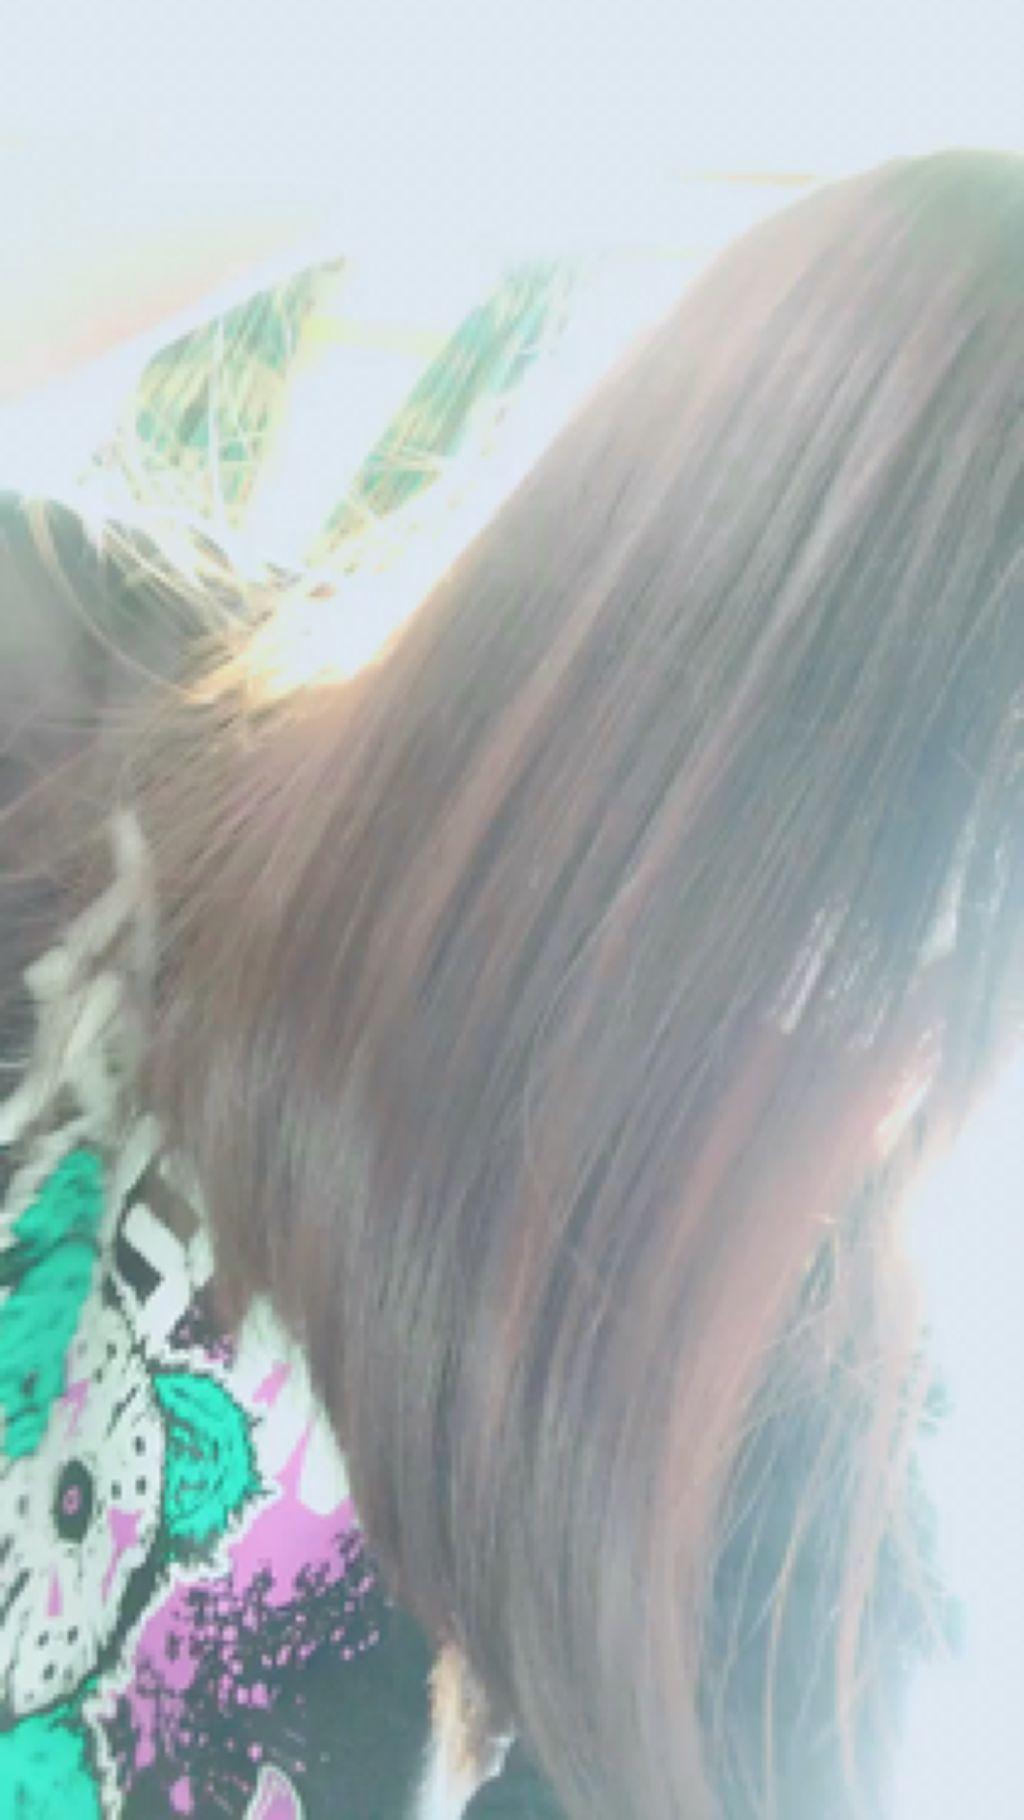 【動画付きクチコミ】前に投稿したellips,LOGbyU-REALMを使い続けて約1週間…🐈カラーが原因で手櫛が通らなかった髪がとぅるとぅるさらさら…✨🍃艶もでて傷みが全然ないです✨ヘアオイルは髪質に合わなかったので使うのを避けていたのですが、elli...